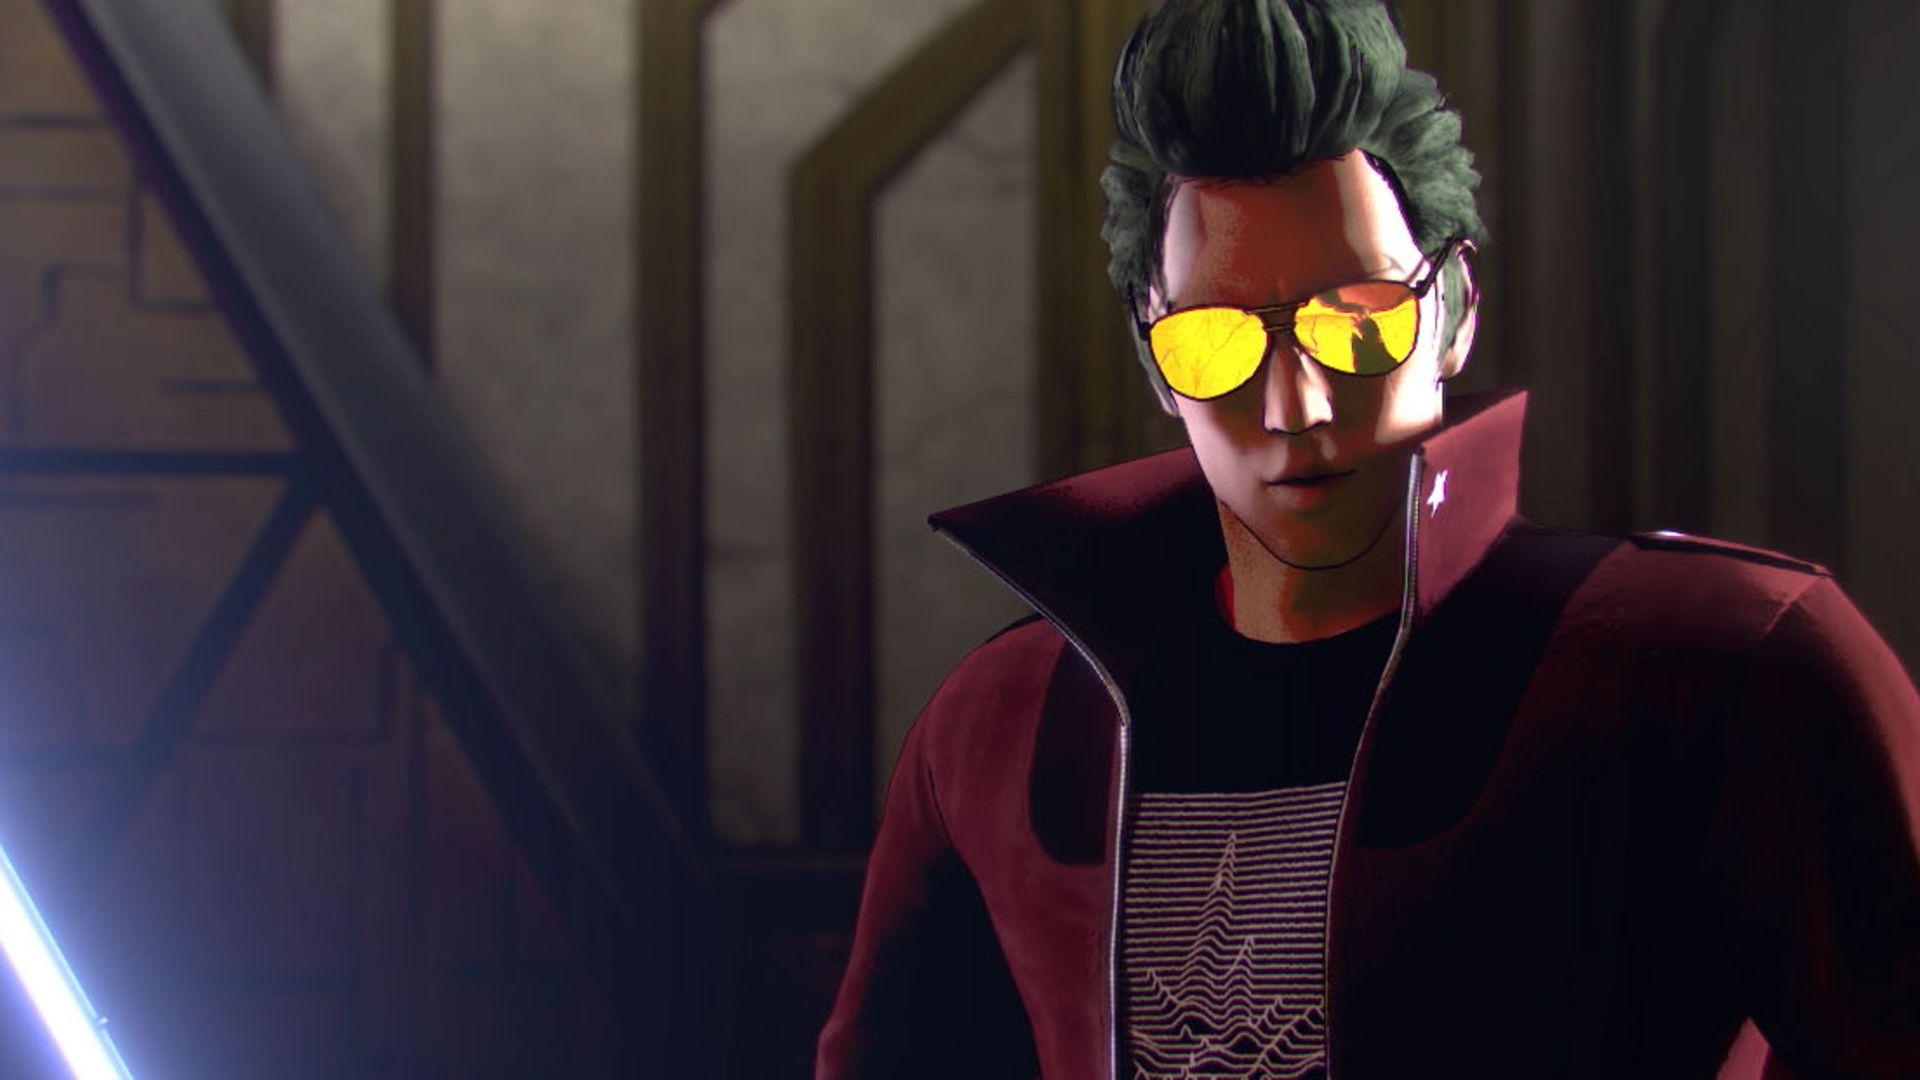 La date de sortie de No More Heroes III a été annoncée lors du Nintendo Direct du 17 février 2021